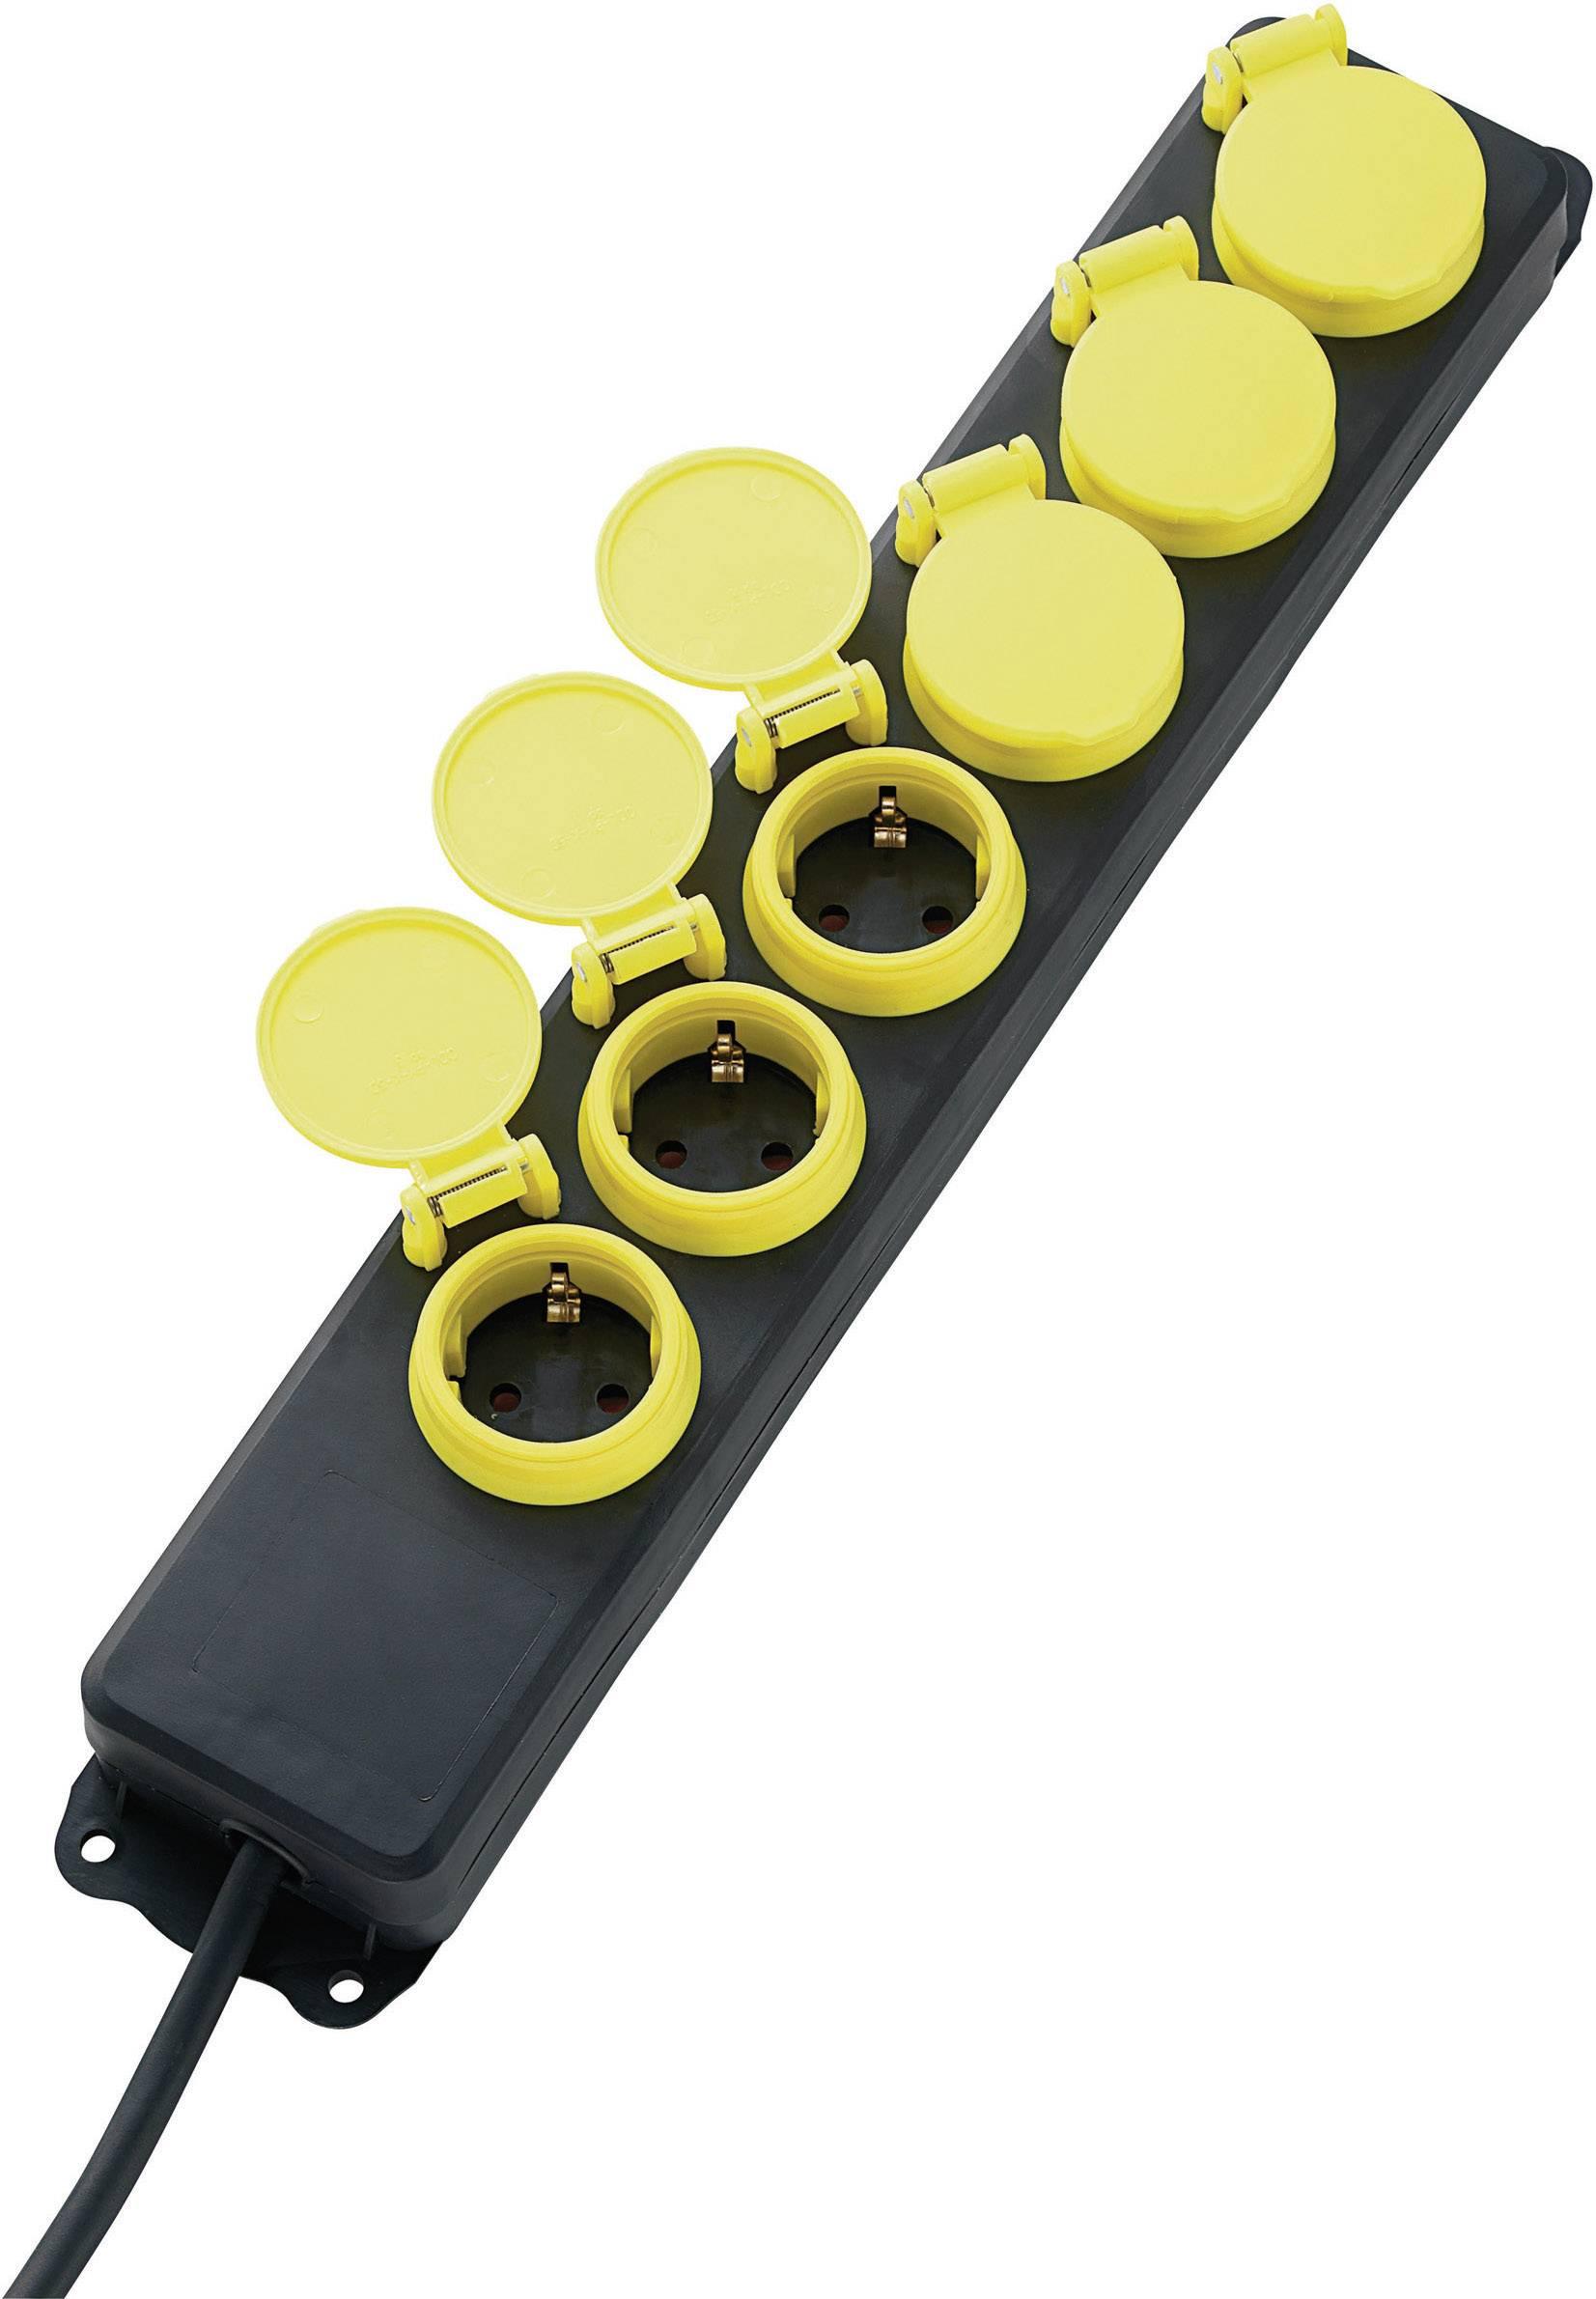 Zásuvková lišta bez vypínača, počet zásuviek 6 622335, 1.50 m, čierna, žltá